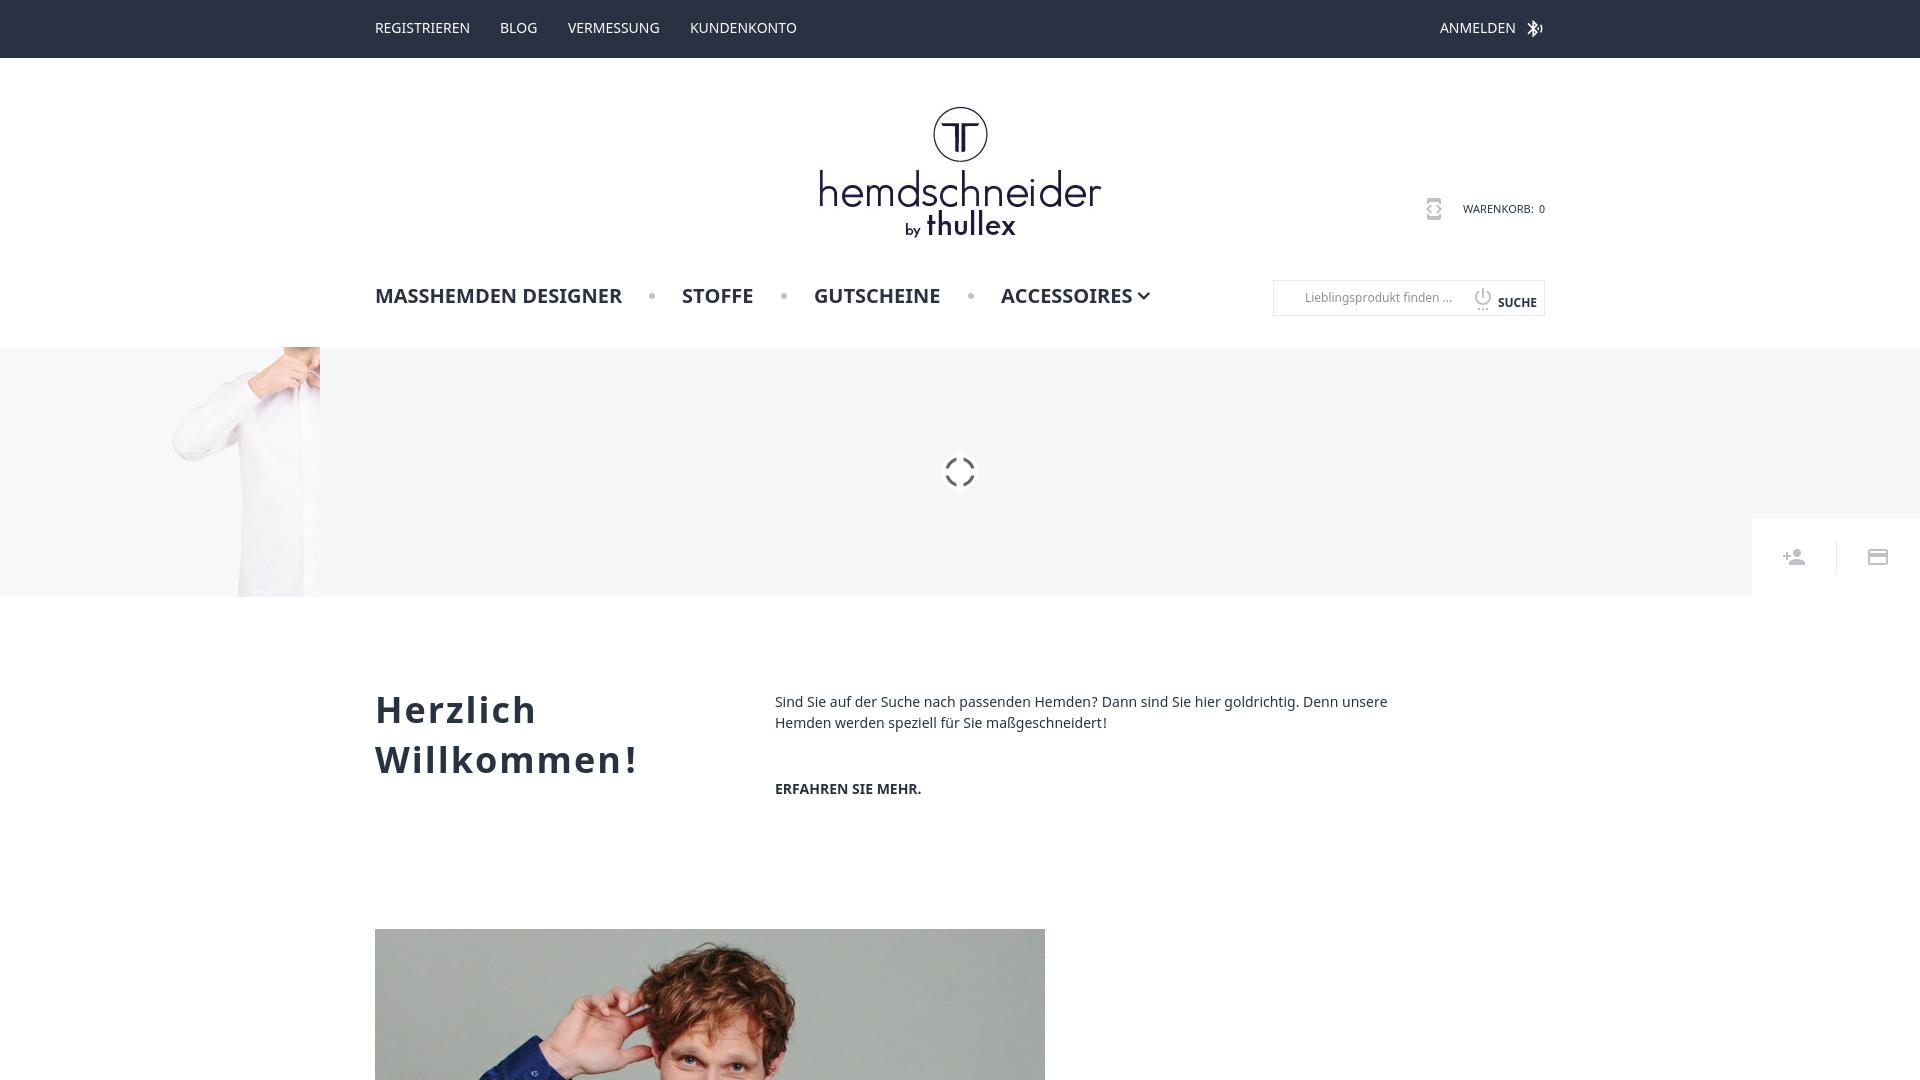 Geld zurück bei Hemdschneider: Jetzt im Juli 2021 Cashback für Hemdschneider sichern